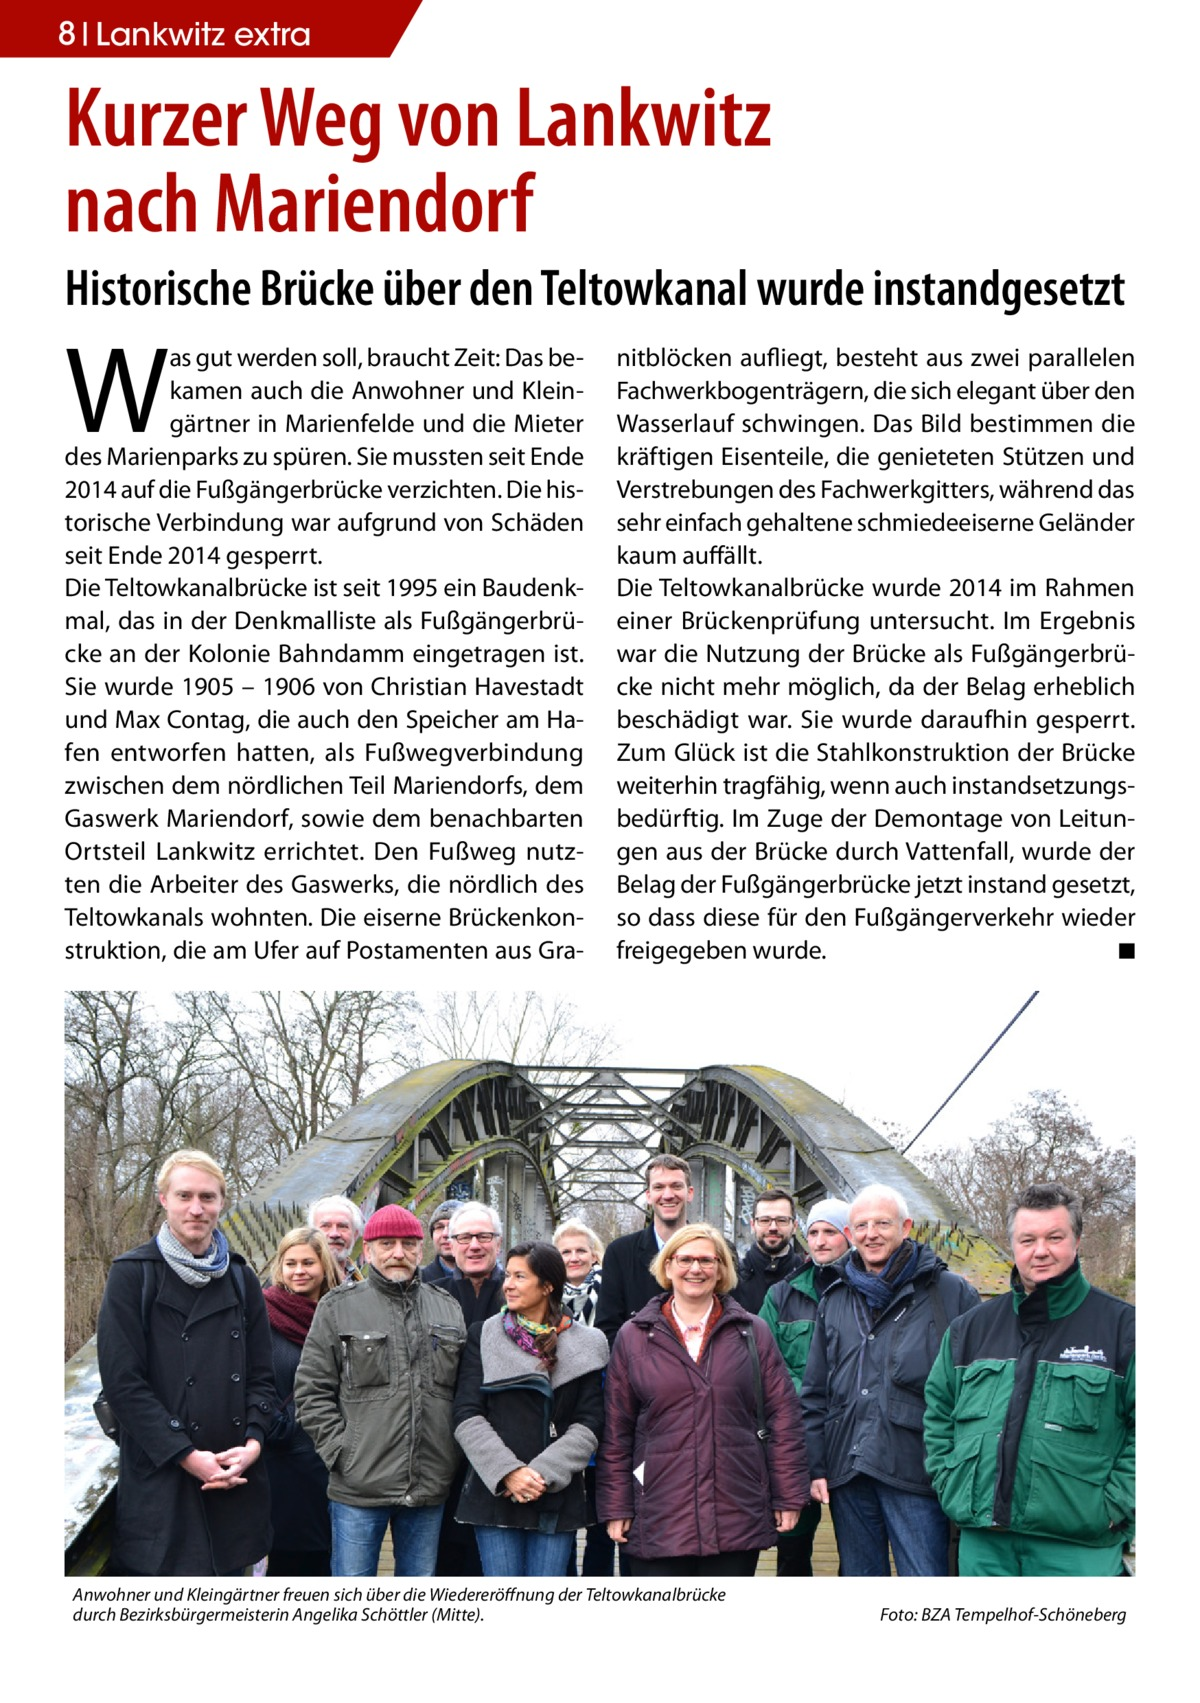 8 Lankwitz extra  Kurzer Weg von Lankwitz nach Mariendorf Historische Brücke über den Teltowkanal wurde instandgesetzt  W  as gut werden soll, braucht Zeit: Das bekamen auch die Anwohner und Kleingärtner in Marienfelde und die Mieter des Marienparks zu spüren. Sie mussten seit Ende 2014 auf die Fußgängerbrücke verzichten. Die historische Verbindung war aufgrund von Schäden seit Ende 2014 gesperrt. Die Teltowkanalbrücke ist seit 1995 ein Baudenkmal, das in der Denkmalliste als Fußgängerbrücke an der Kolonie Bahndamm eingetragen ist. Sie wurde 1905 – 1906 von Christian Havestadt und Max Contag, die auch den Speicher am Hafen entworfen hatten, als Fußwegverbindung zwischen dem nördlichen Teil Mariendorfs, dem Gaswerk Mariendorf, sowie dem benachbarten Ortsteil Lankwitz errichtet. Den Fußweg nutzten die Arbeiter des Gaswerks, die nördlich des Teltowkanals wohnten. Die eiserne Brückenkonstruktion, die am Ufer auf Postamenten aus Gra nitblöcken aufliegt, besteht aus zwei parallelen Fachwerkbogenträgern, die sich elegant über den Wasserlauf schwingen. Das Bild bestimmen die kräftigen Eisenteile, die genieteten Stützen und Verstrebungen des Fachwerkgitters, während das sehr einfach gehaltene schmiedeeiserne Geländer kaum auffällt. Die Teltowkanalbrücke wurde 2014 im Rahmen einer Brückenprüfung untersucht. Im Ergebnis war die Nutzung der Brücke als Fußgängerbrücke nicht mehr möglich, da der Belag erheblich beschädigt war. Sie wurde daraufhin gesperrt. Zum Glück ist die Stahlkonstruktion der Brücke weiterhin tragfähig, wenn auch instandsetzungsbedürftig. Im Zuge der Demontage von Leitungen aus der Brücke durch Vattenfall, wurde der Belag der Fußgängerbrücke jetzt instand gesetzt, so dass diese für den Fußgängerverkehr wieder freigegeben wurde. � ◾  Anwohner und Kleingärtner freuen sich über die Wiedereröffnung der Teltowkanalbrücke durch Bezirksbürgermeisterin Angelika Schöttler (Mitte). �  Foto: BZA Tempelhof-Schöneberg